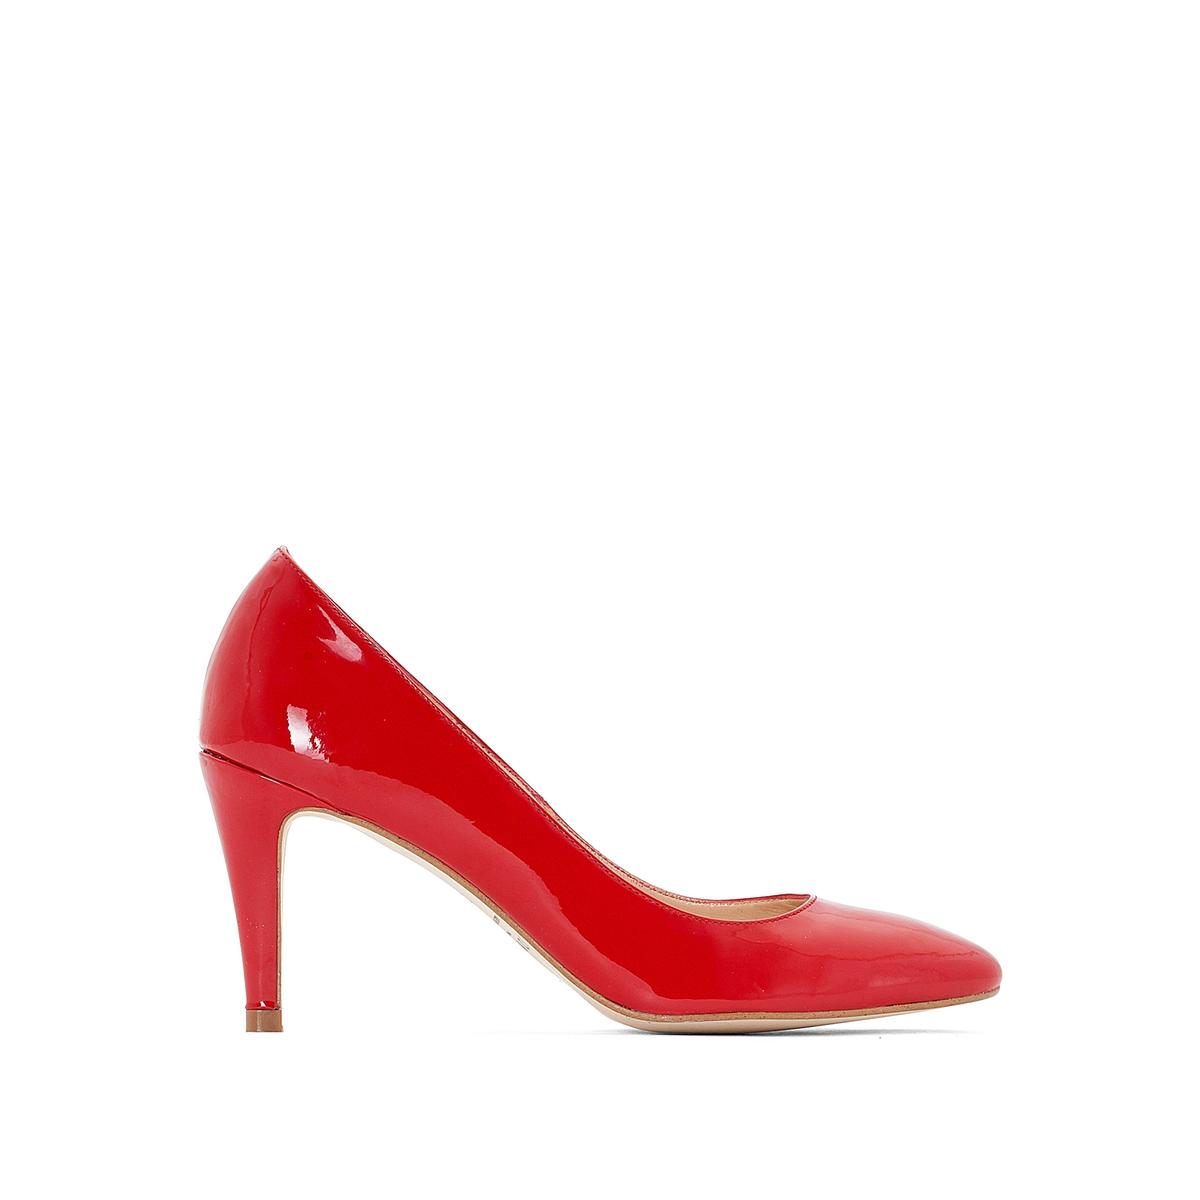 Туфли кожаные лакированные 11395Верх : Кожа.   Подкладка : Кожа.   Стелька : Кожа.   Подошва : эластомер   Высота каблука : 5 см   Форма каблука : тонкий каблук   Мысок : заостренный мысок     Застежка : без застежки<br><br>Цвет: красный лак<br>Размер: 36